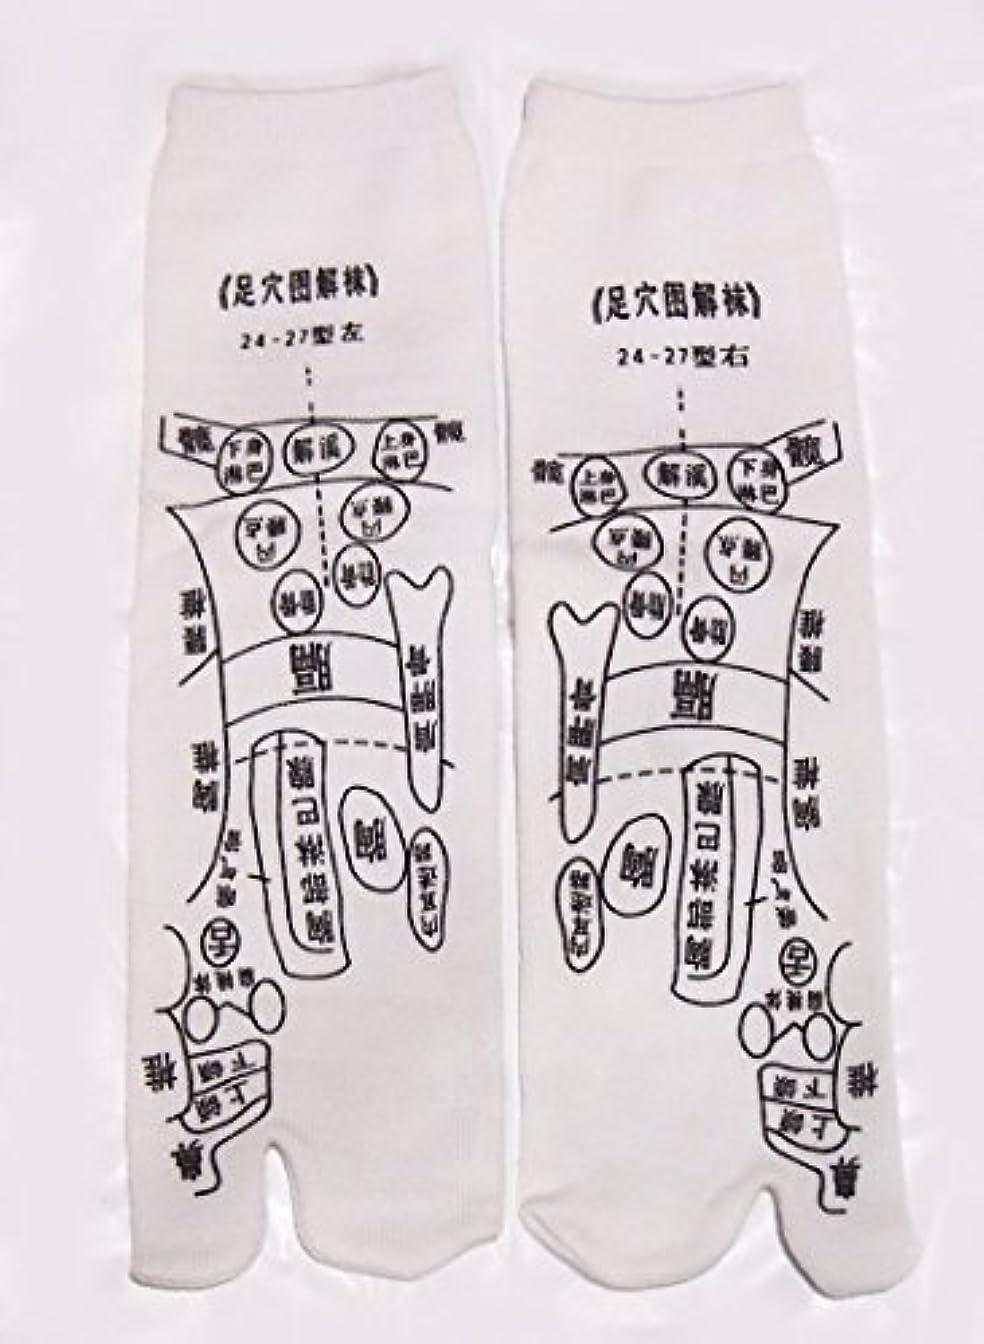 国際美容師満了足っほ靴下 足裏つぼ靴下 足ツボソックス 反射区 プリント くつした ツボ押しやすい 22~26センチ 字は中国語